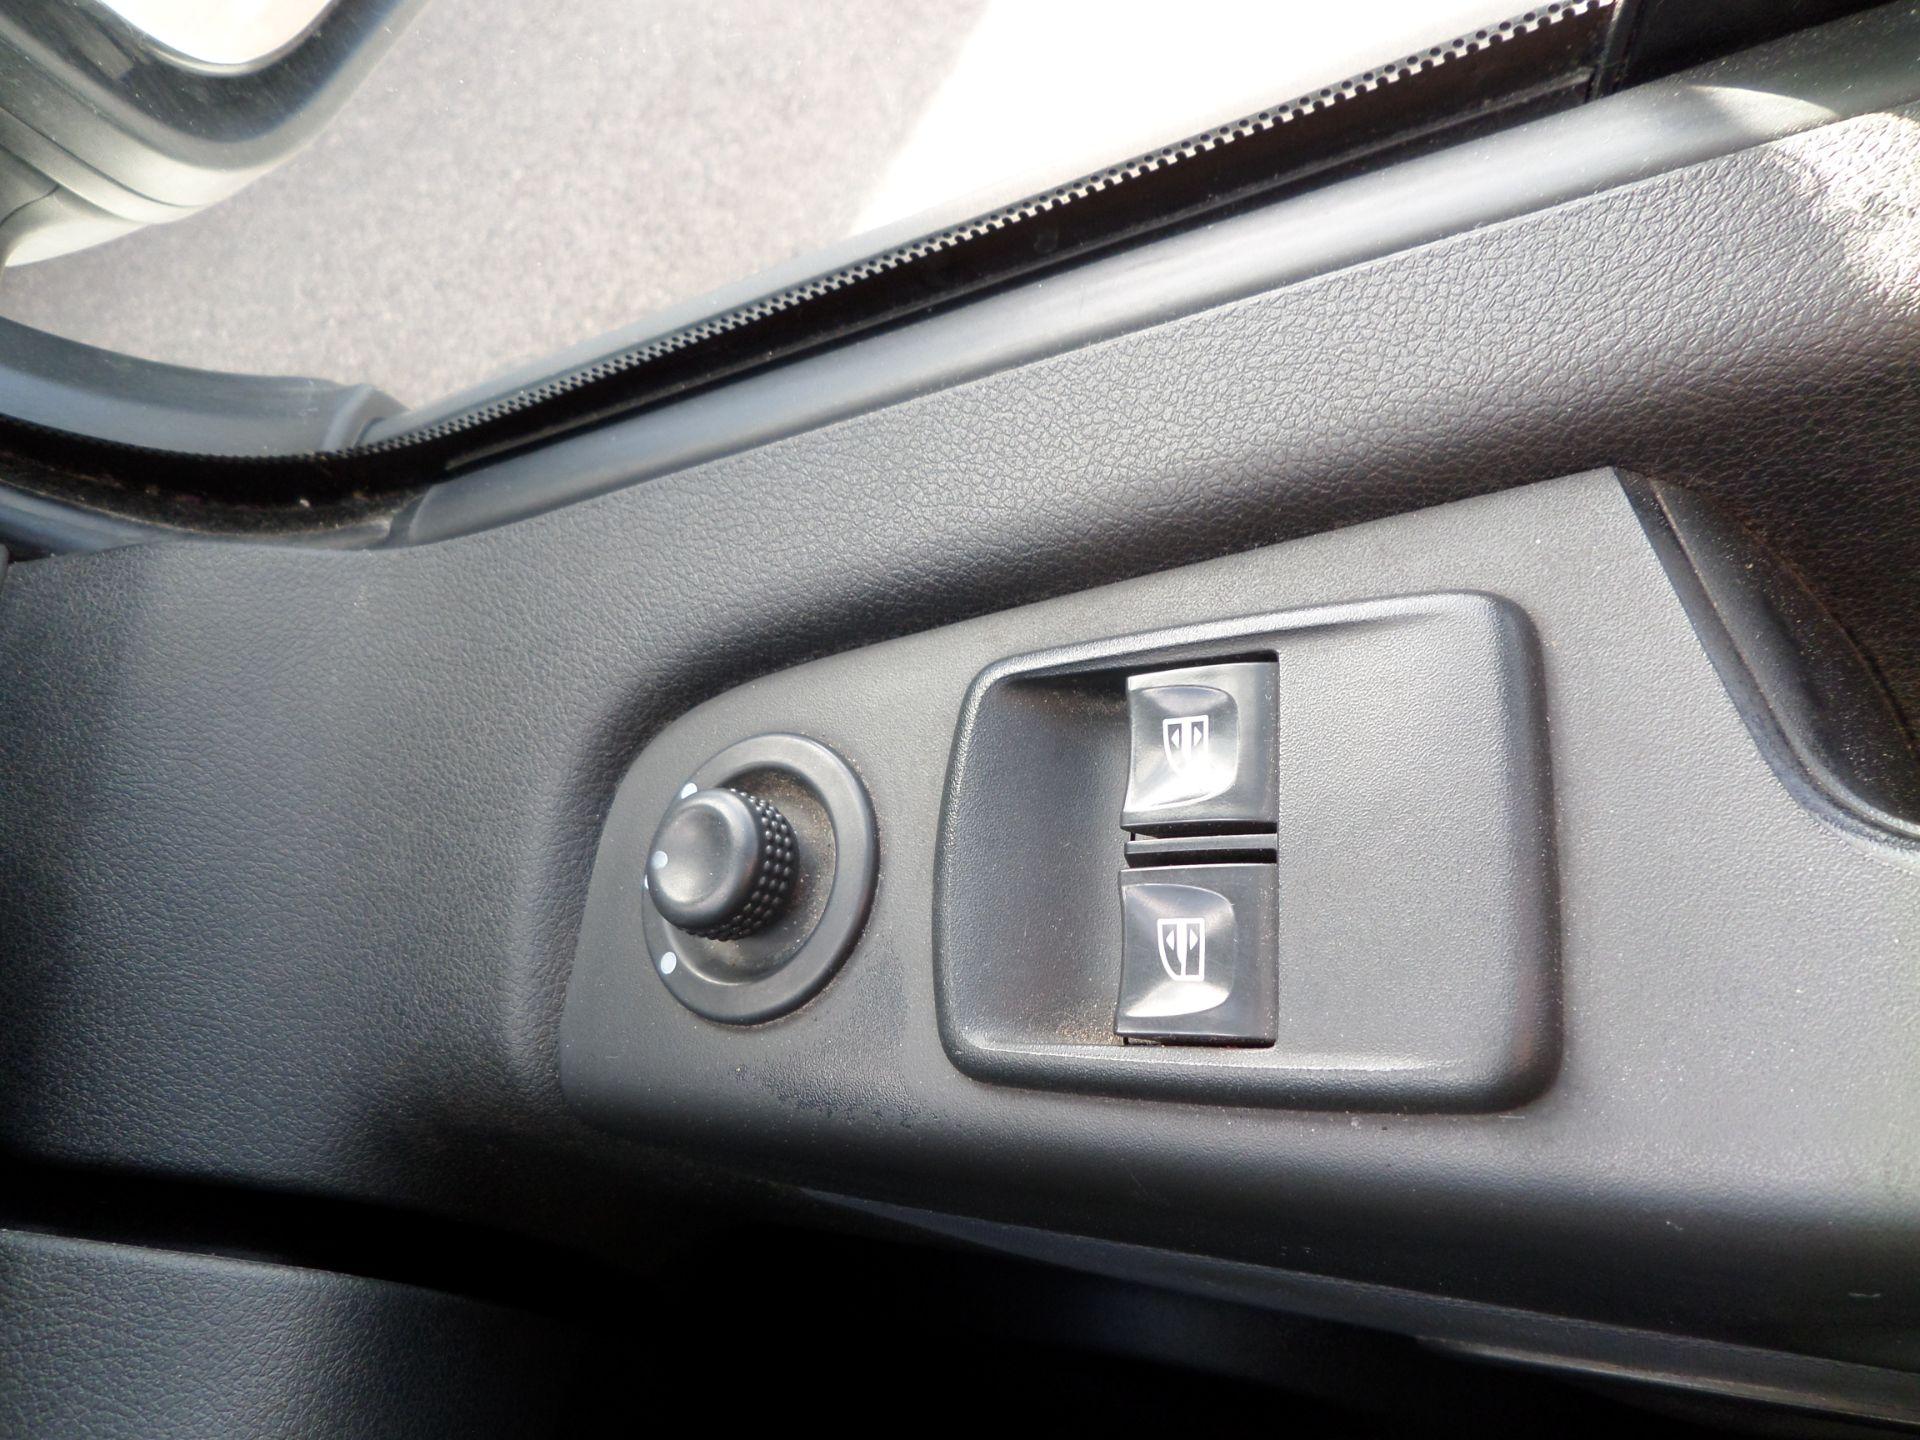 2017 Vauxhall Vivaro 2900 1.6Cdti Biturbo 125Ps H1 Combi 9 Seat (NO VAT) 70mph Limited (DY17UTV) Image 17